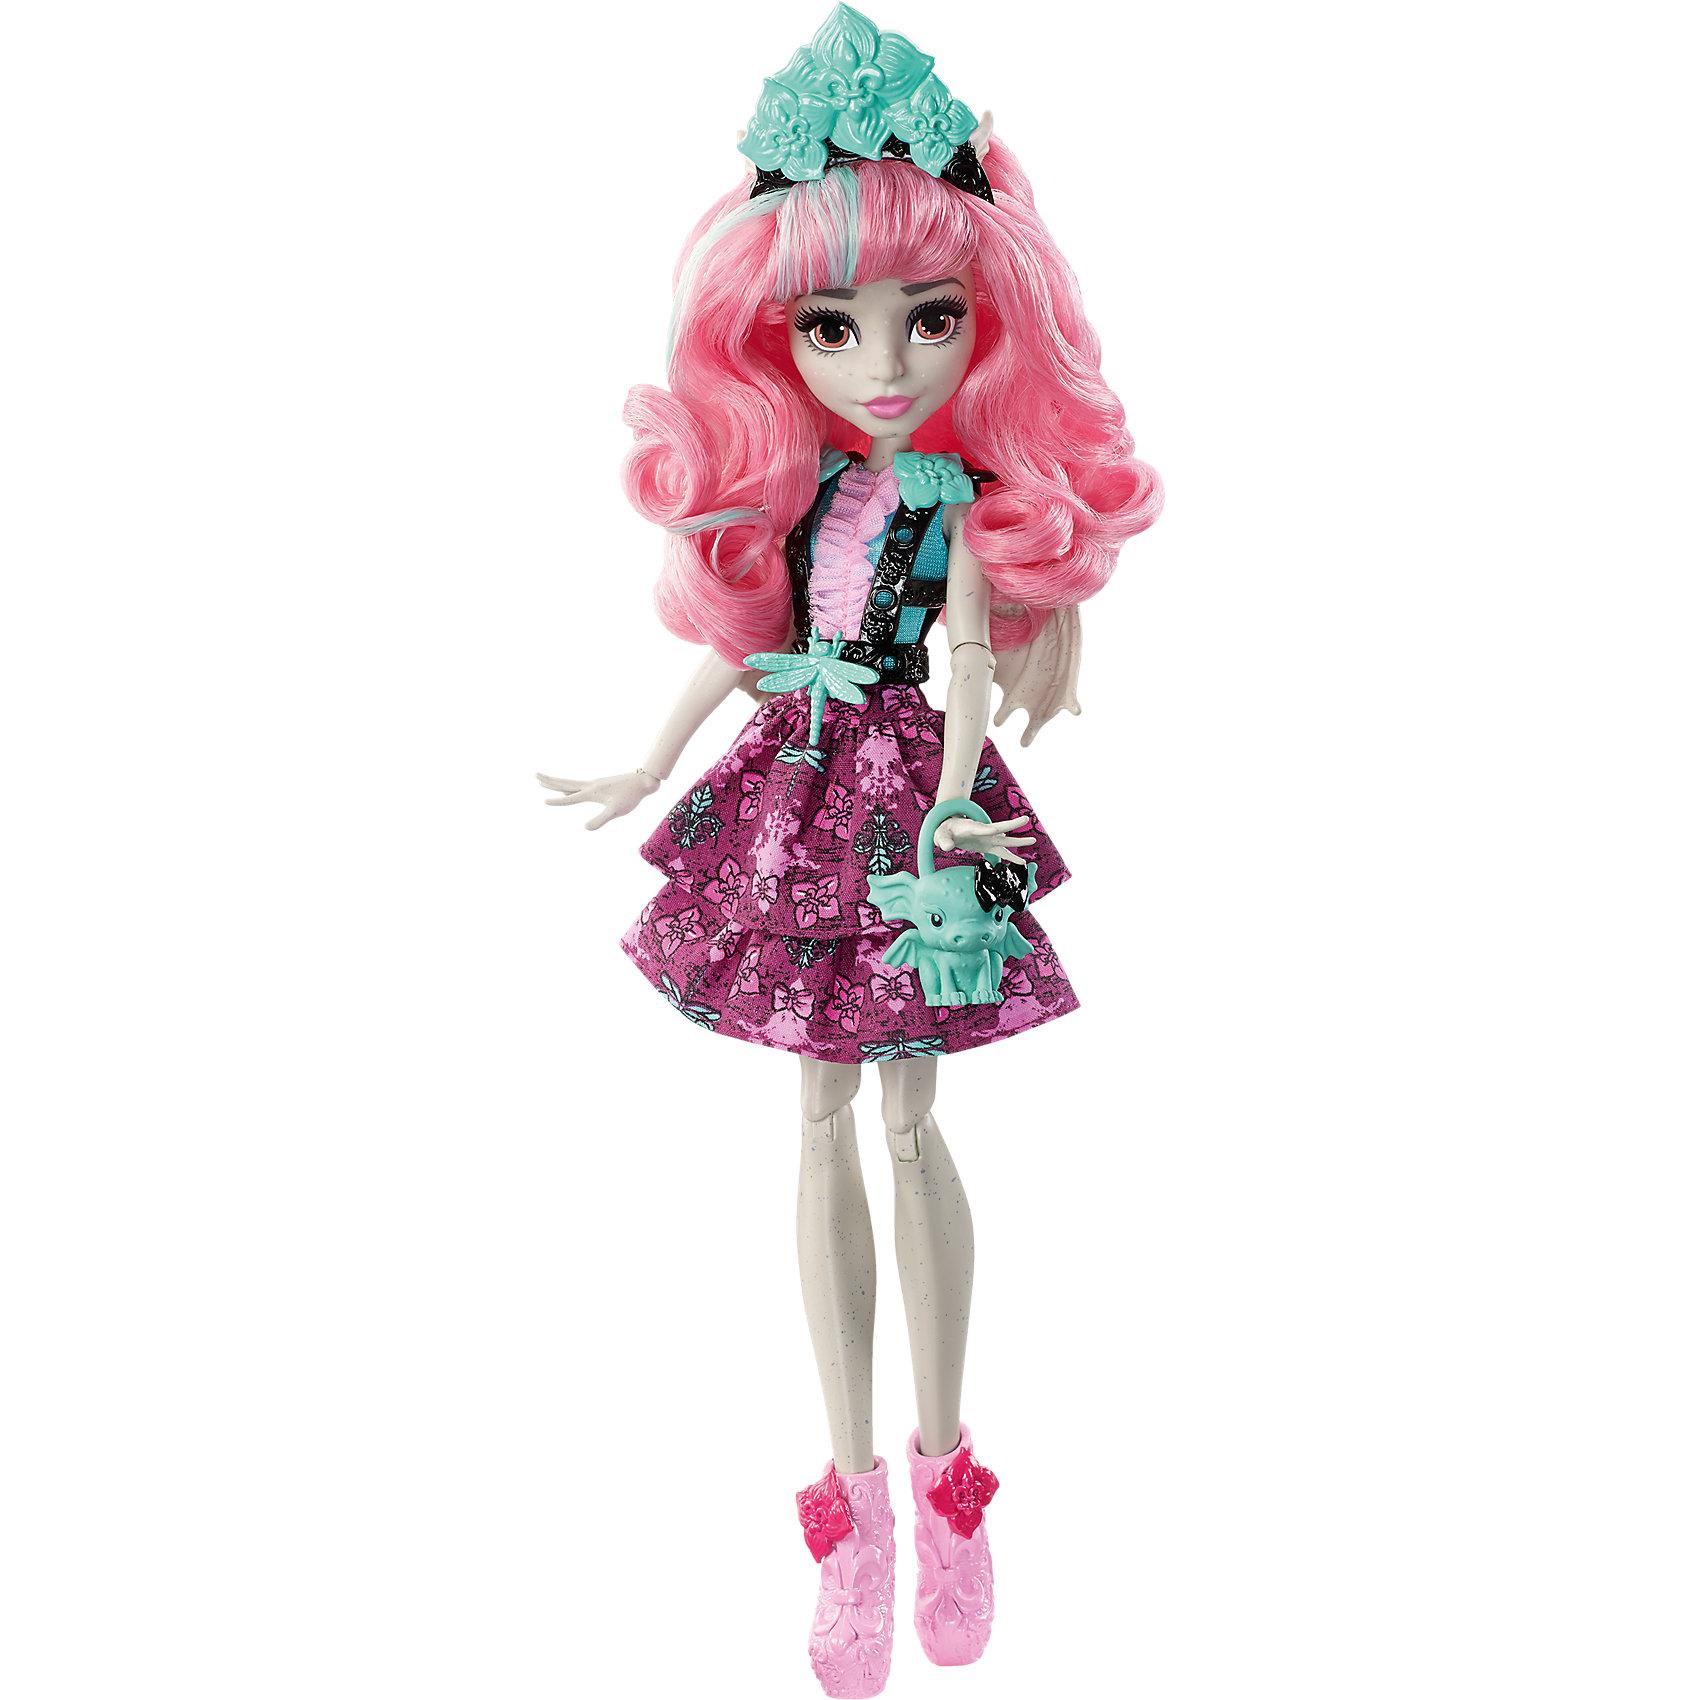 Монстряшка с длинными волосами Рошель Гойл, Monster HighКуклы-модели<br>Характеристики товара:<br><br>• возраст от 6 лет;<br>• материал: пластик;<br>• высота куклы 28 см;<br>• размер упаковки 33х16х6 см;<br>• страна производитель: Китай.<br><br>Кукла Рошель Гойл «Вечеринка монстров» Monster High создана по мотивам известного мультфильма Monster High. Рошель — дочка горгульи, поэтому у нее есть ушки и крылышки. Одета Рошель в розовое платье и сапожки, а дополняют образ сумочка и ободок на голове. В наборе предусмотрены аксессуары для создания неповторимого образа, которыми можно украсить волосы куклы или наряд.<br><br>Куклу Рошель Гойл «Вечеринка монстров» Monster High можно приобрести в нашем интернет-магазине.<br><br>Ширина мм: 326<br>Глубина мм: 152<br>Высота мм: 57<br>Вес г: 203<br>Возраст от месяцев: 72<br>Возраст до месяцев: 120<br>Пол: Женский<br>Возраст: Детский<br>SKU: 5257142